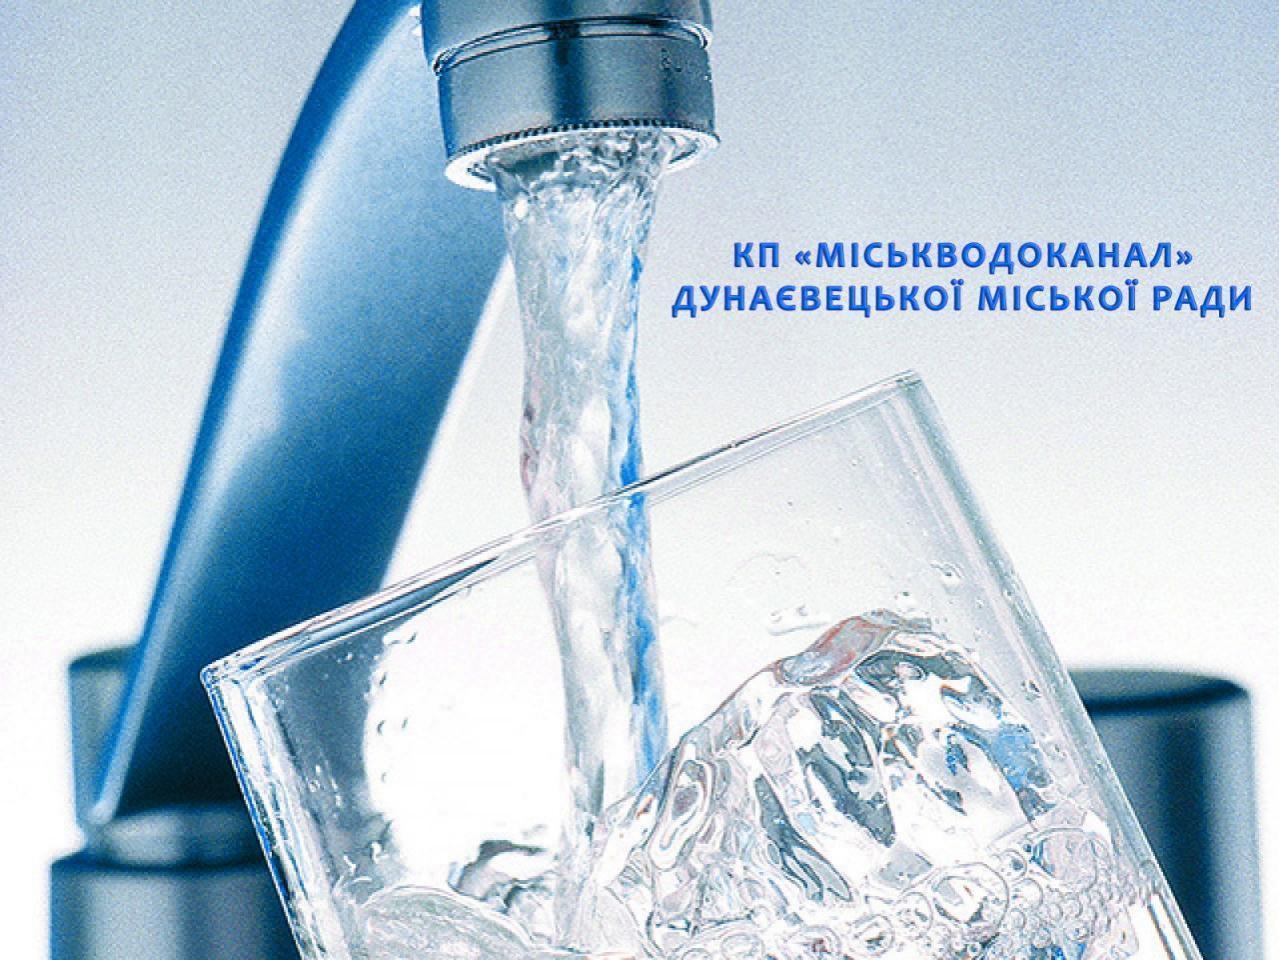 http://dunrada.gov.ua/uploadfile/archive_news/2020/05/22/2020-05-22_6173/images/images-27048.jpg